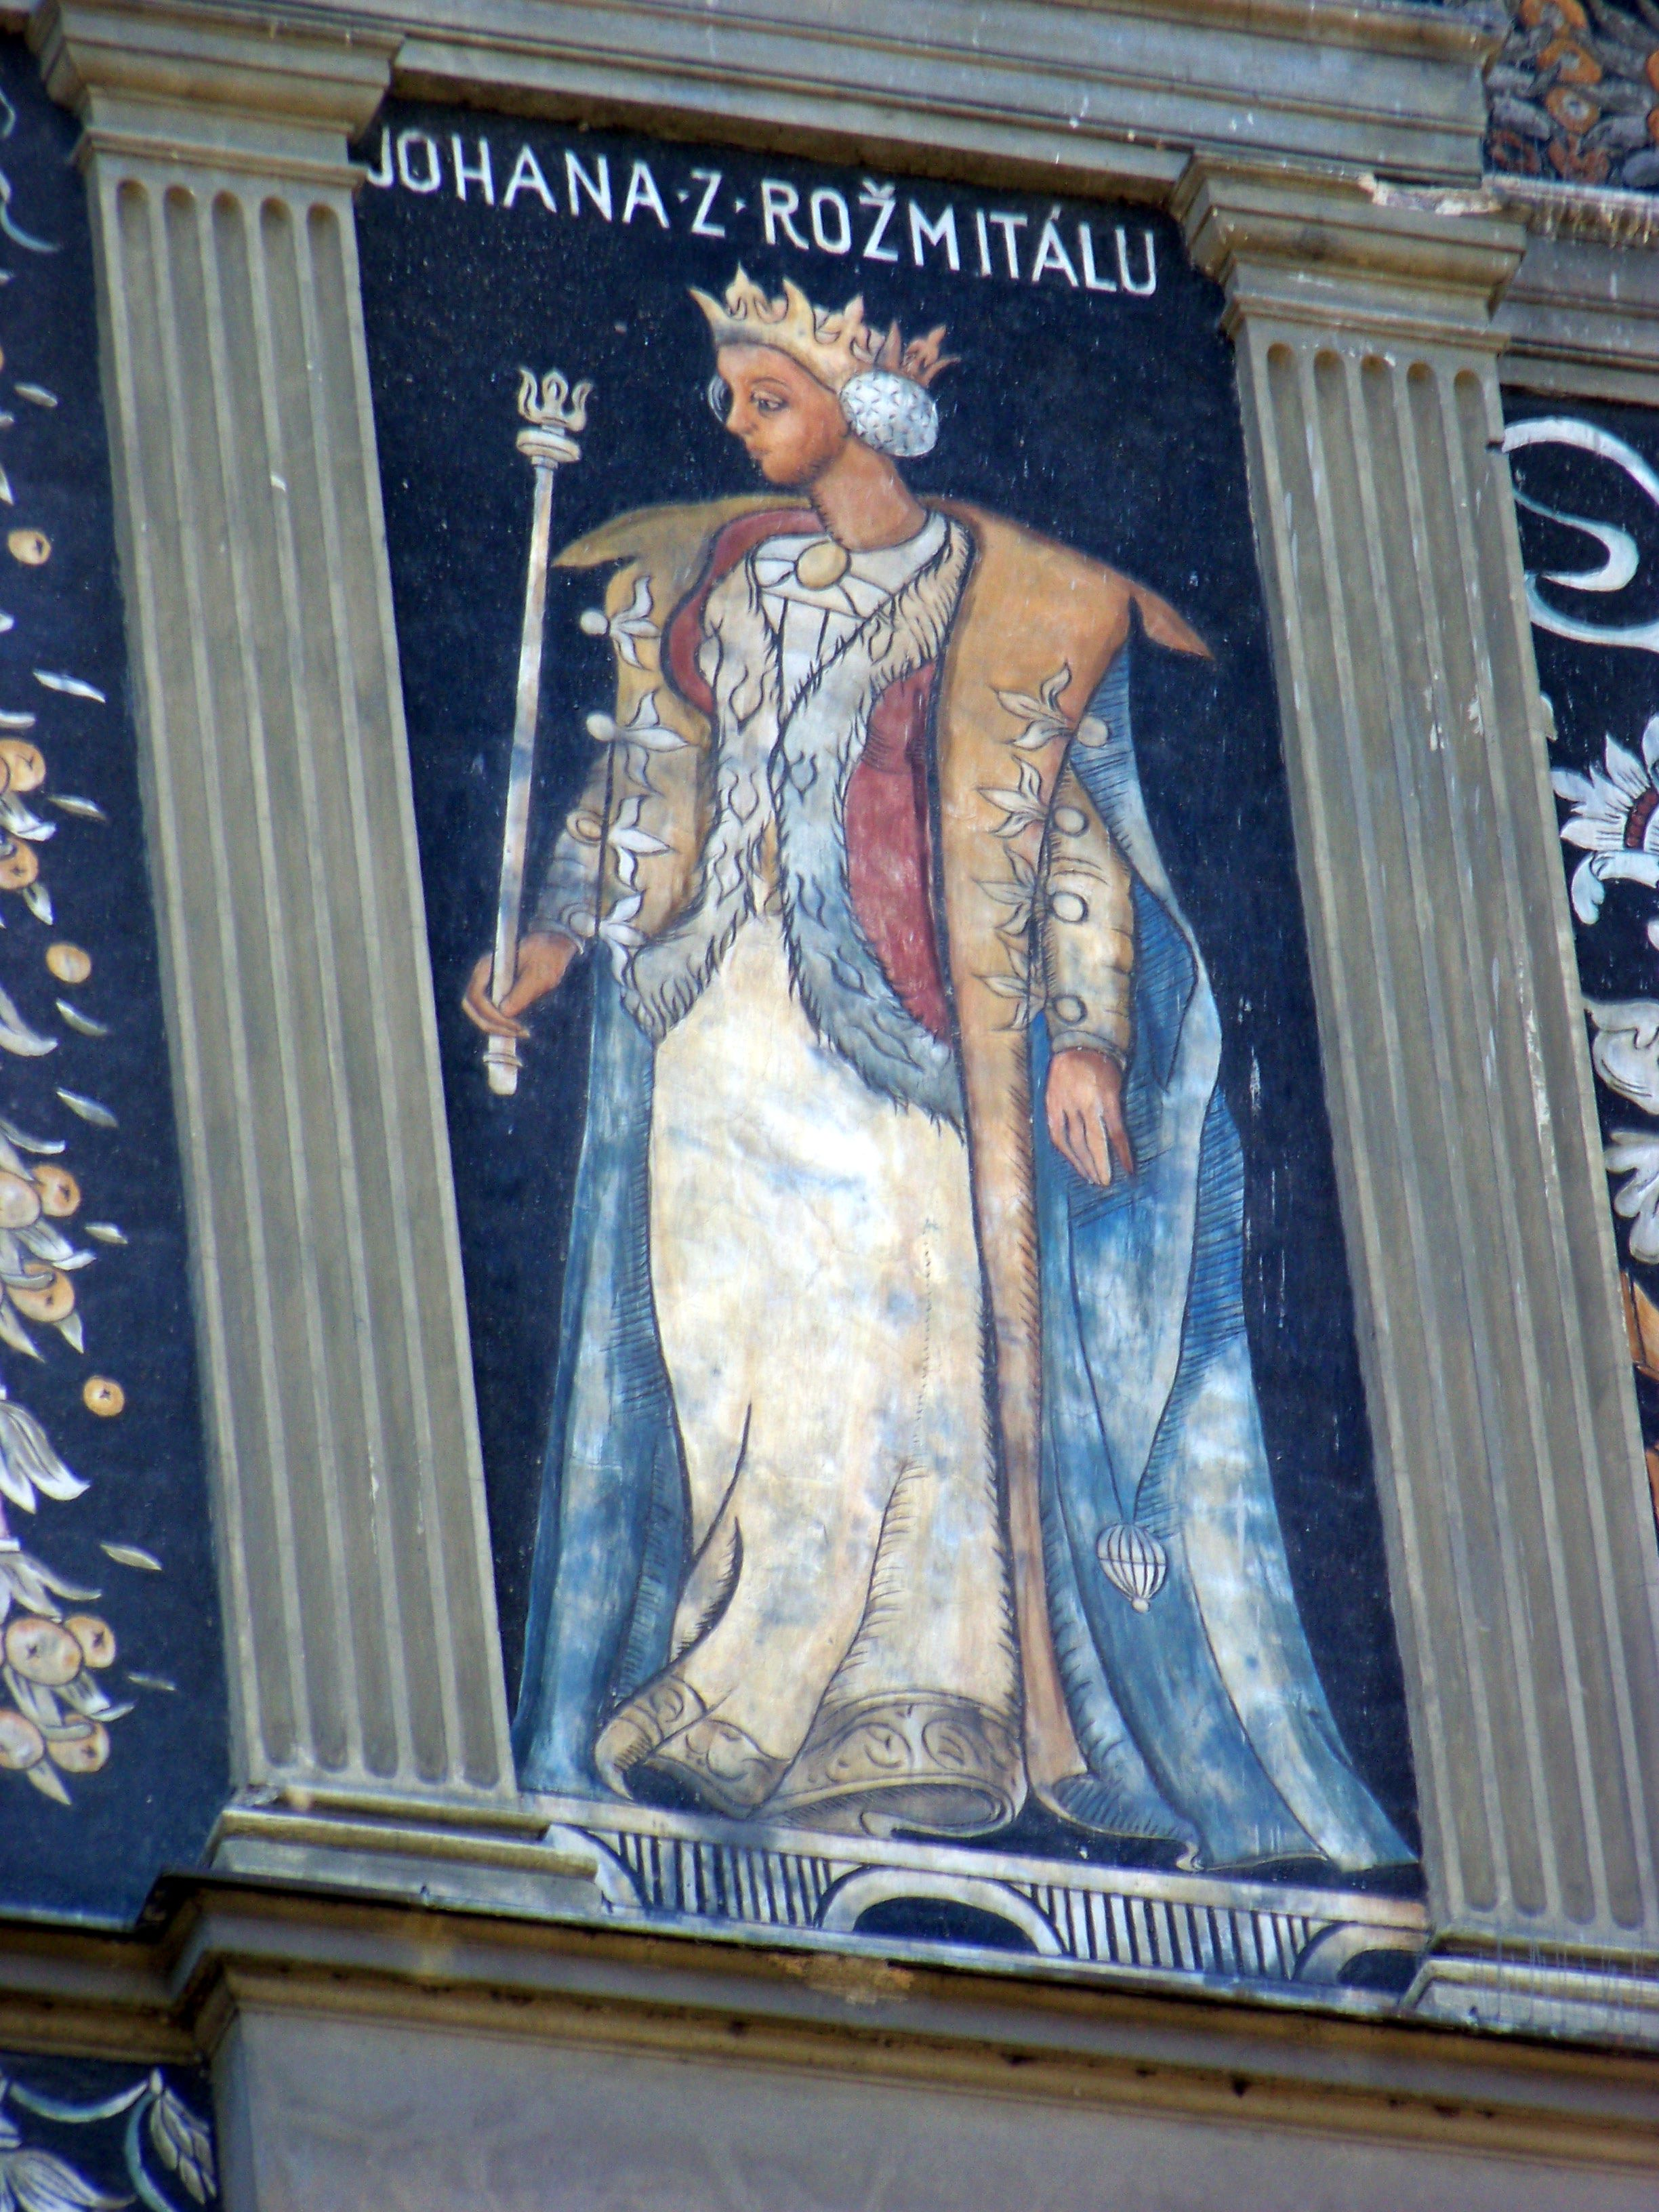 Johana z Rožmitálu se stala svému muži velkou oporou. Stála při něm za jykýchkoli okolností.